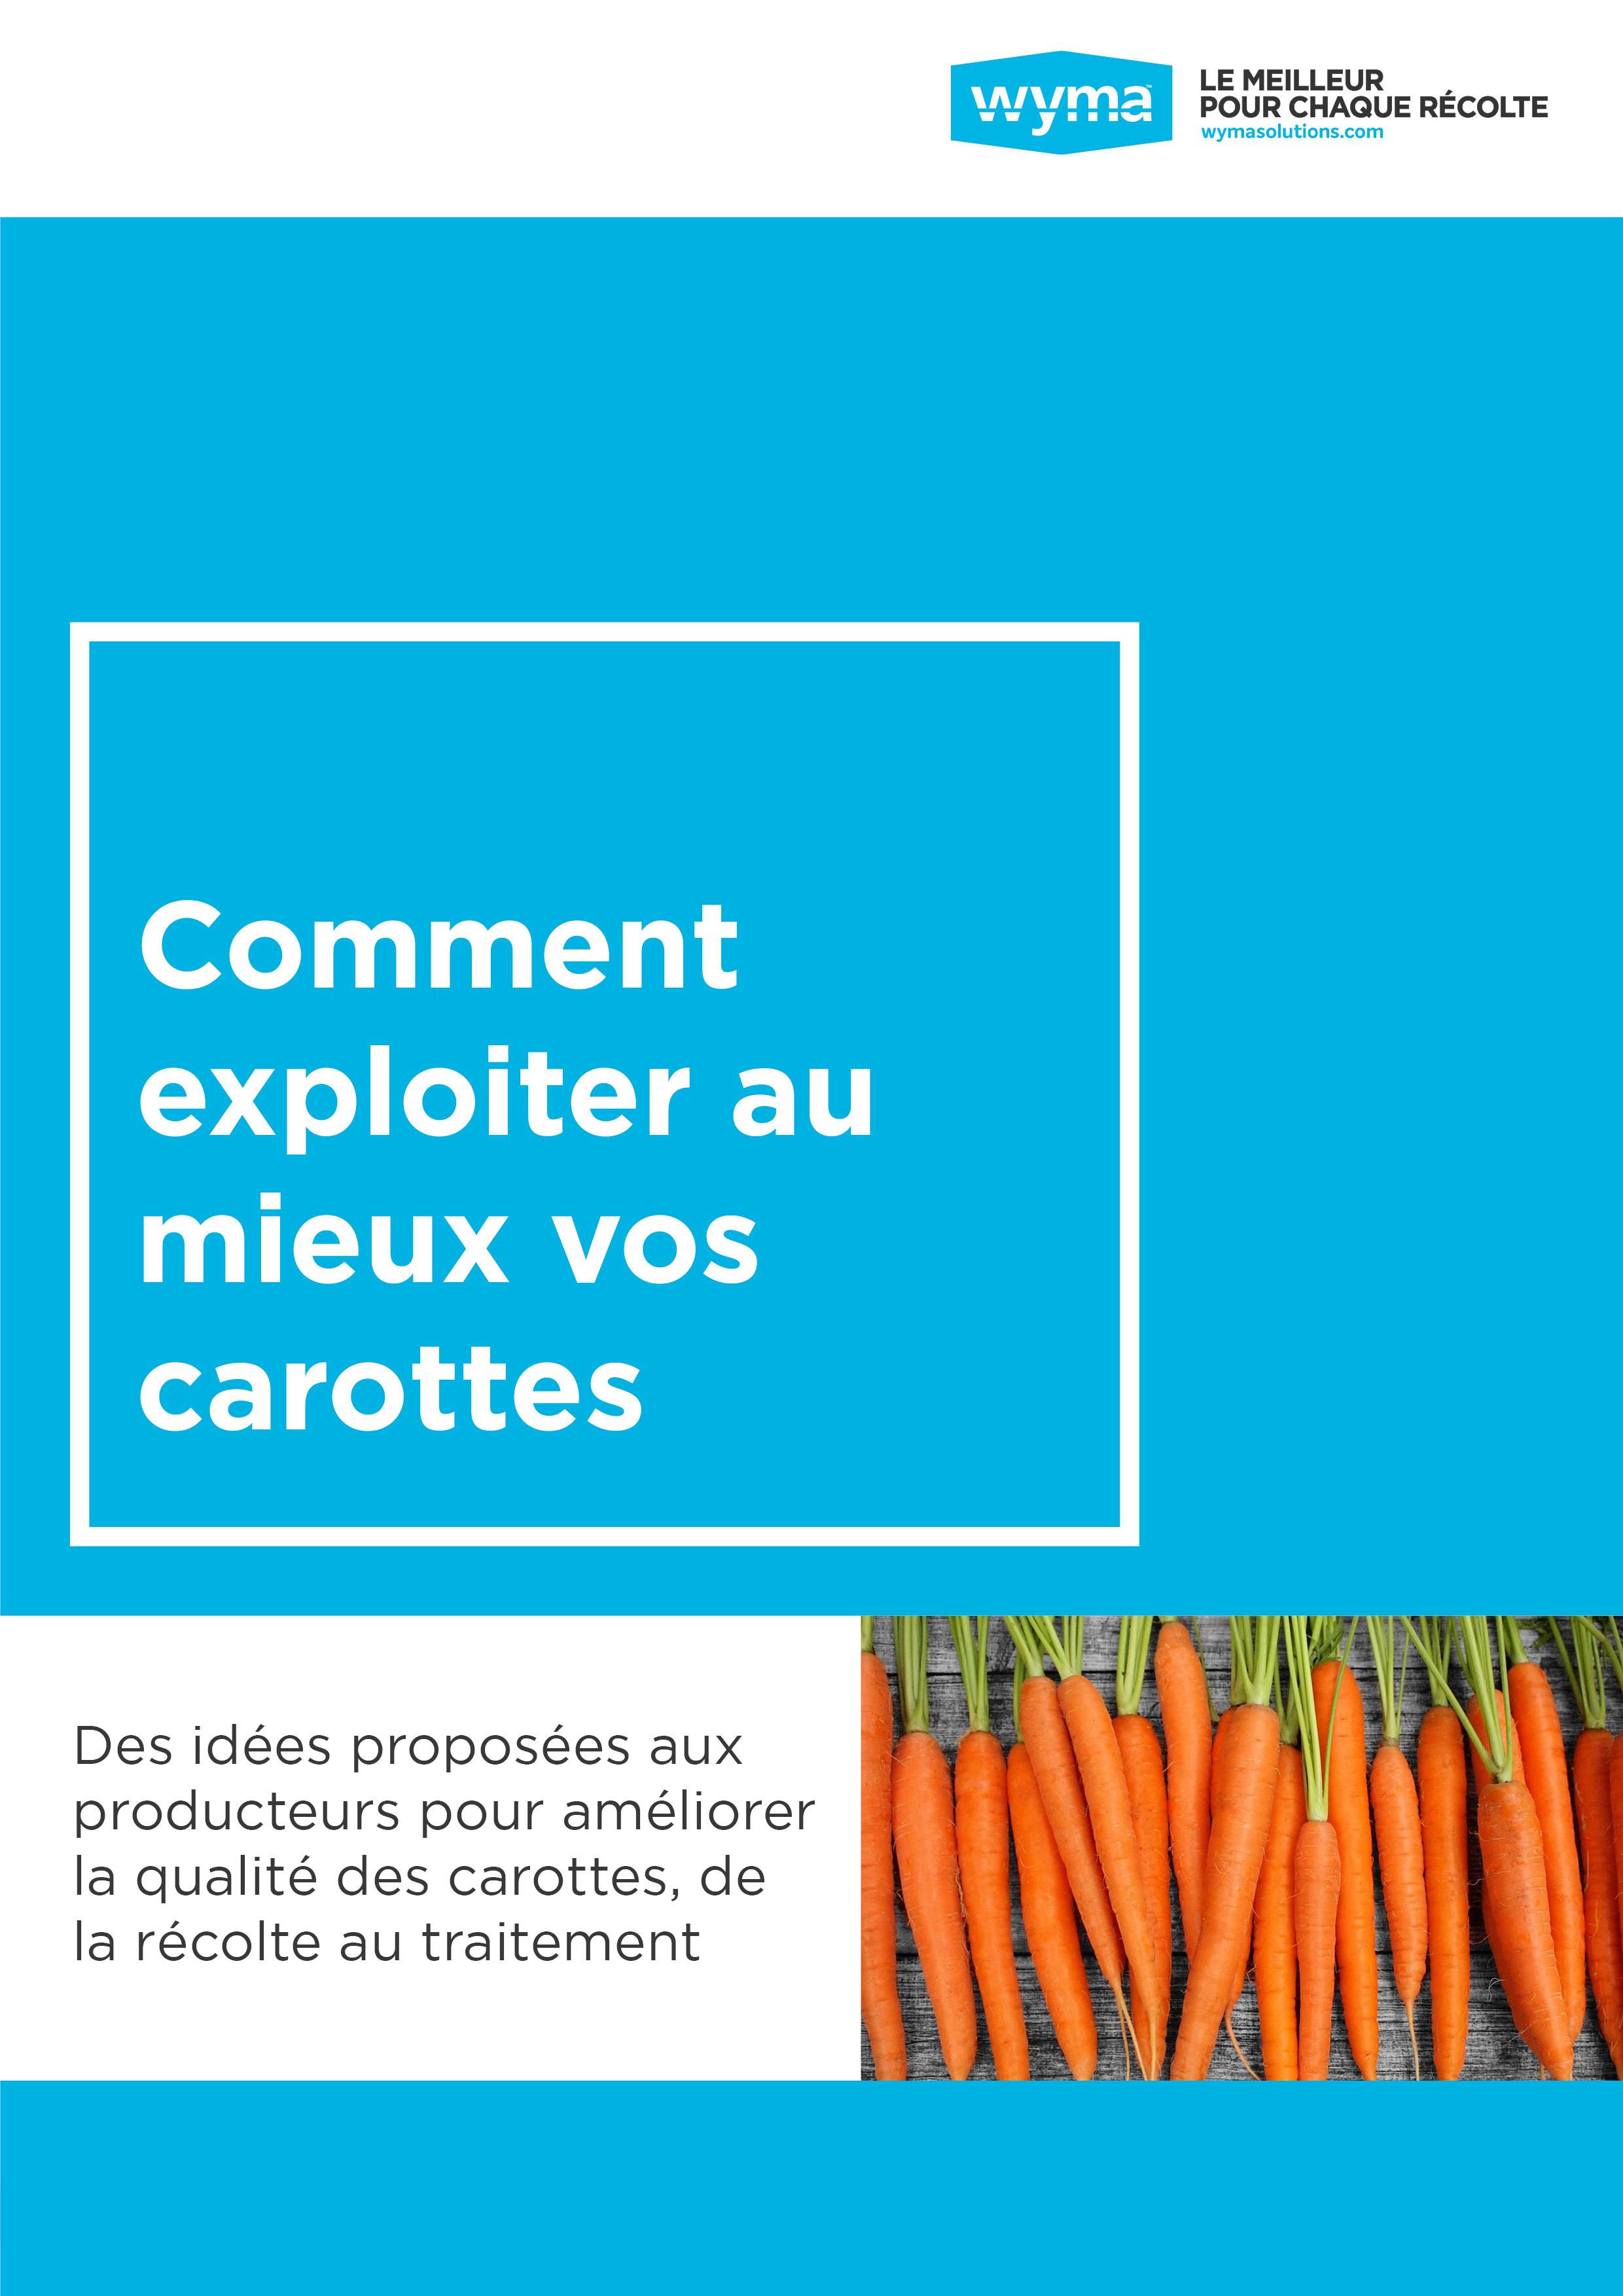 Carrot Silvering 2020 update-FR-newbrand-thumb-min